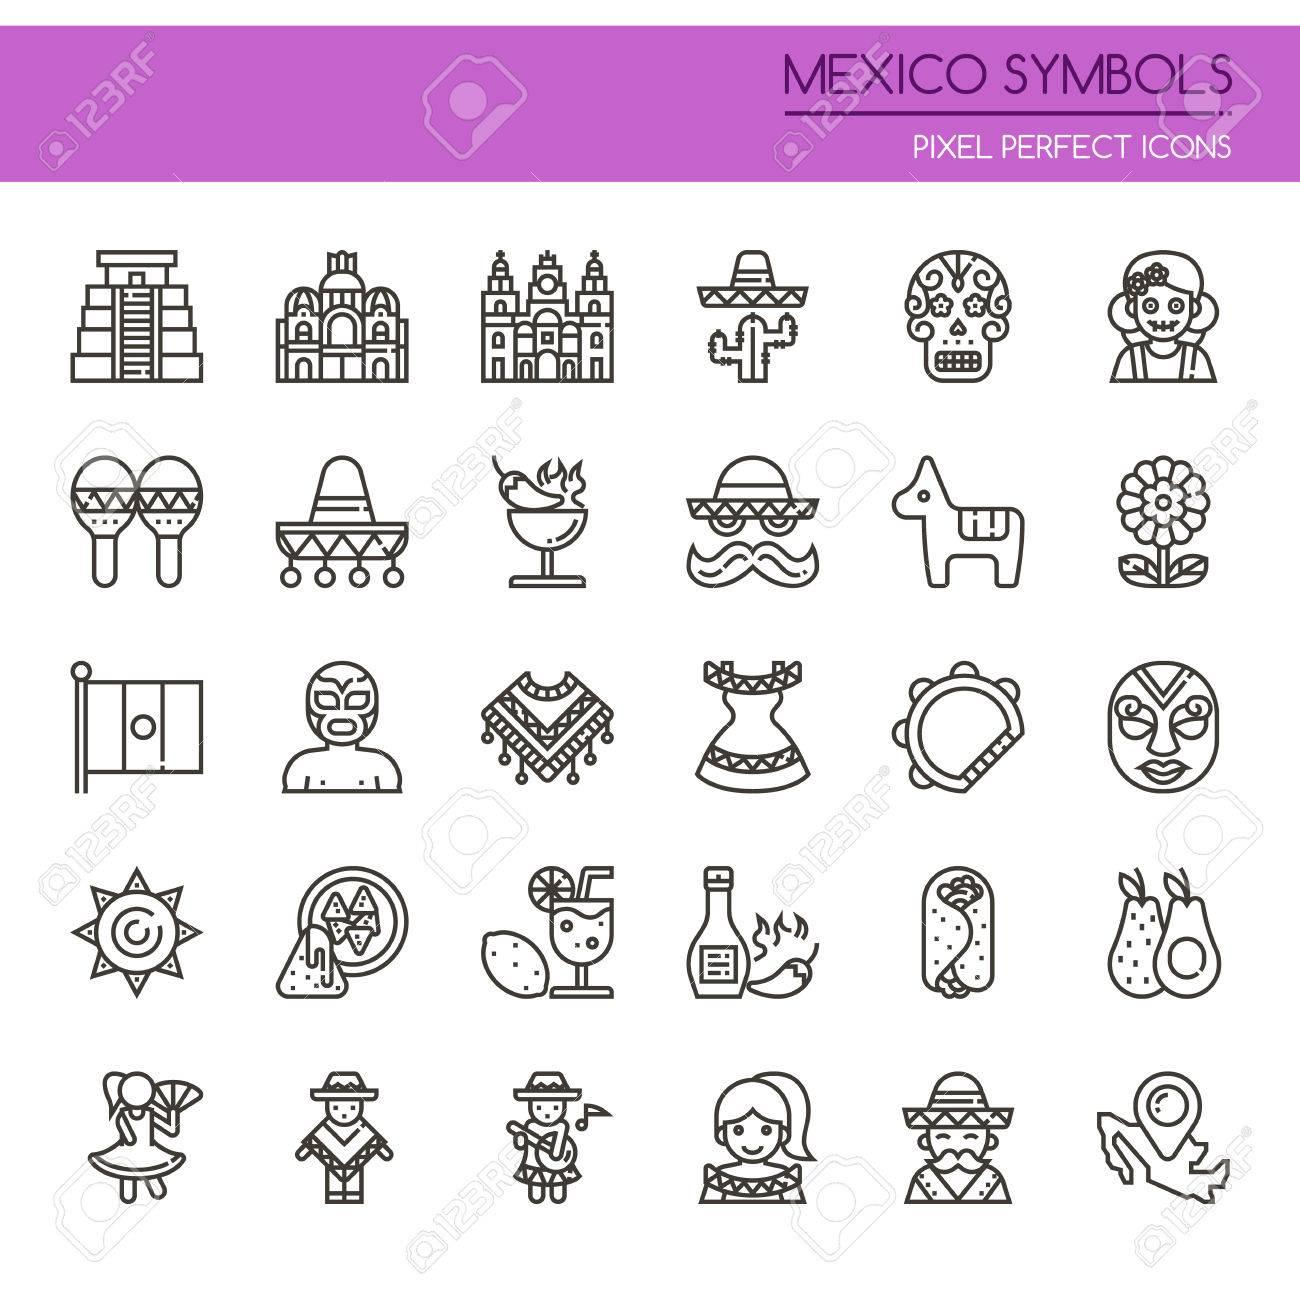 Symboles Du Mexique Icône Mince Et Pixel Icônes Parfaites